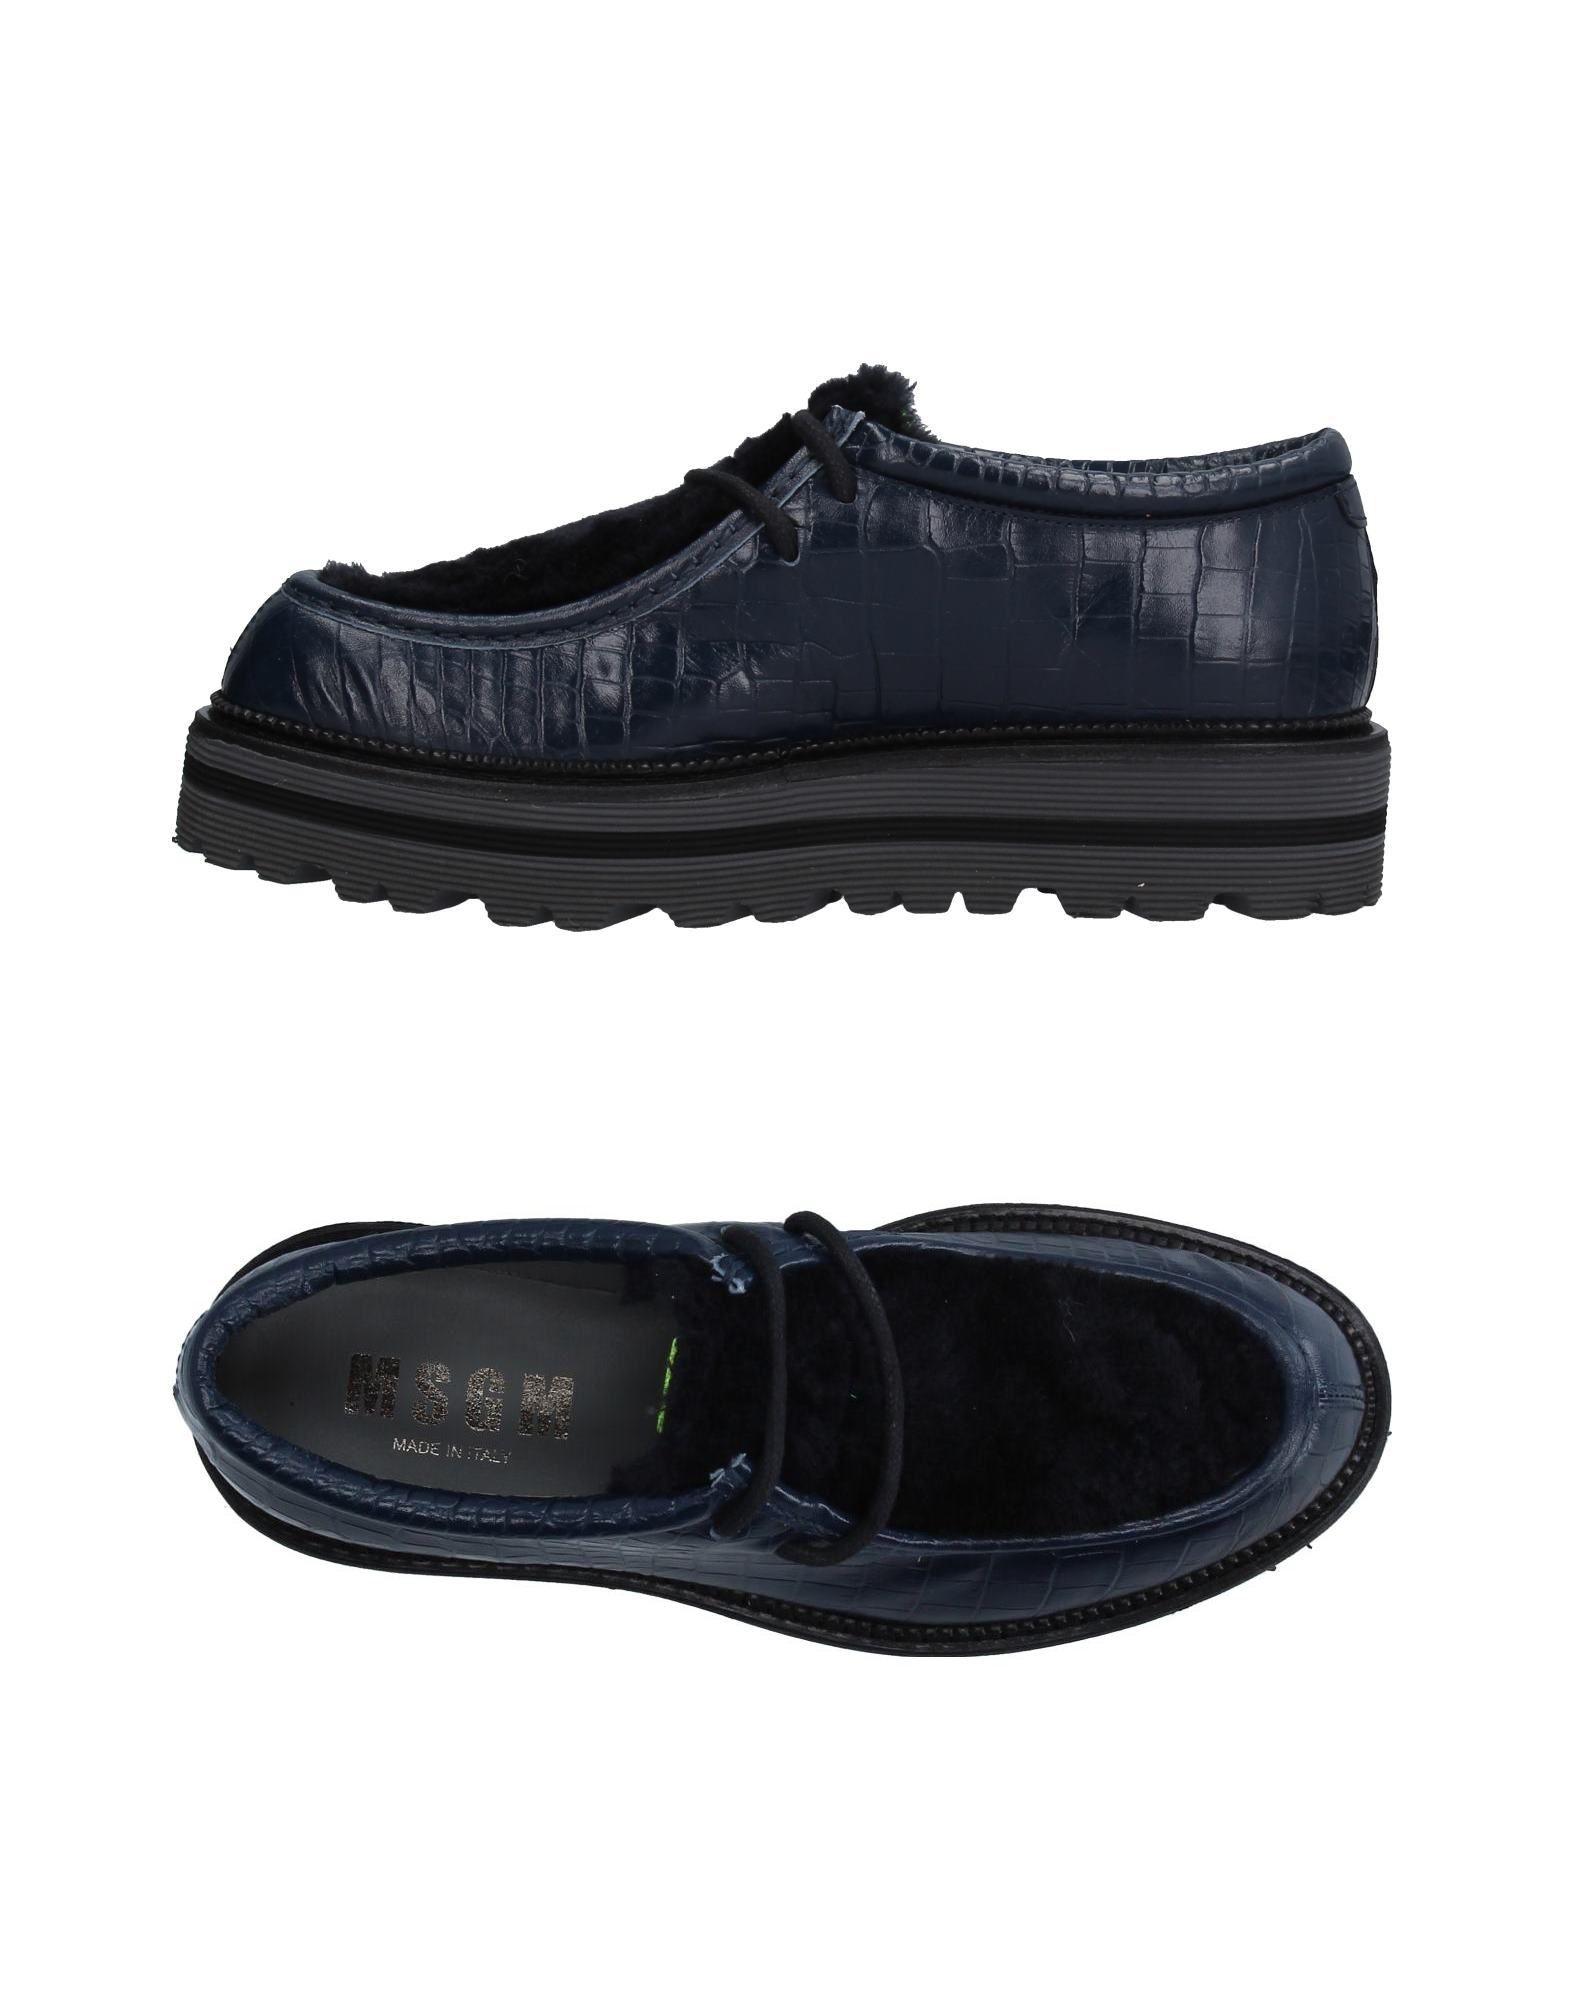 Msgm Schnürschuhe Damen  11236227LKGut aussehende strapazierfähige Schuhe